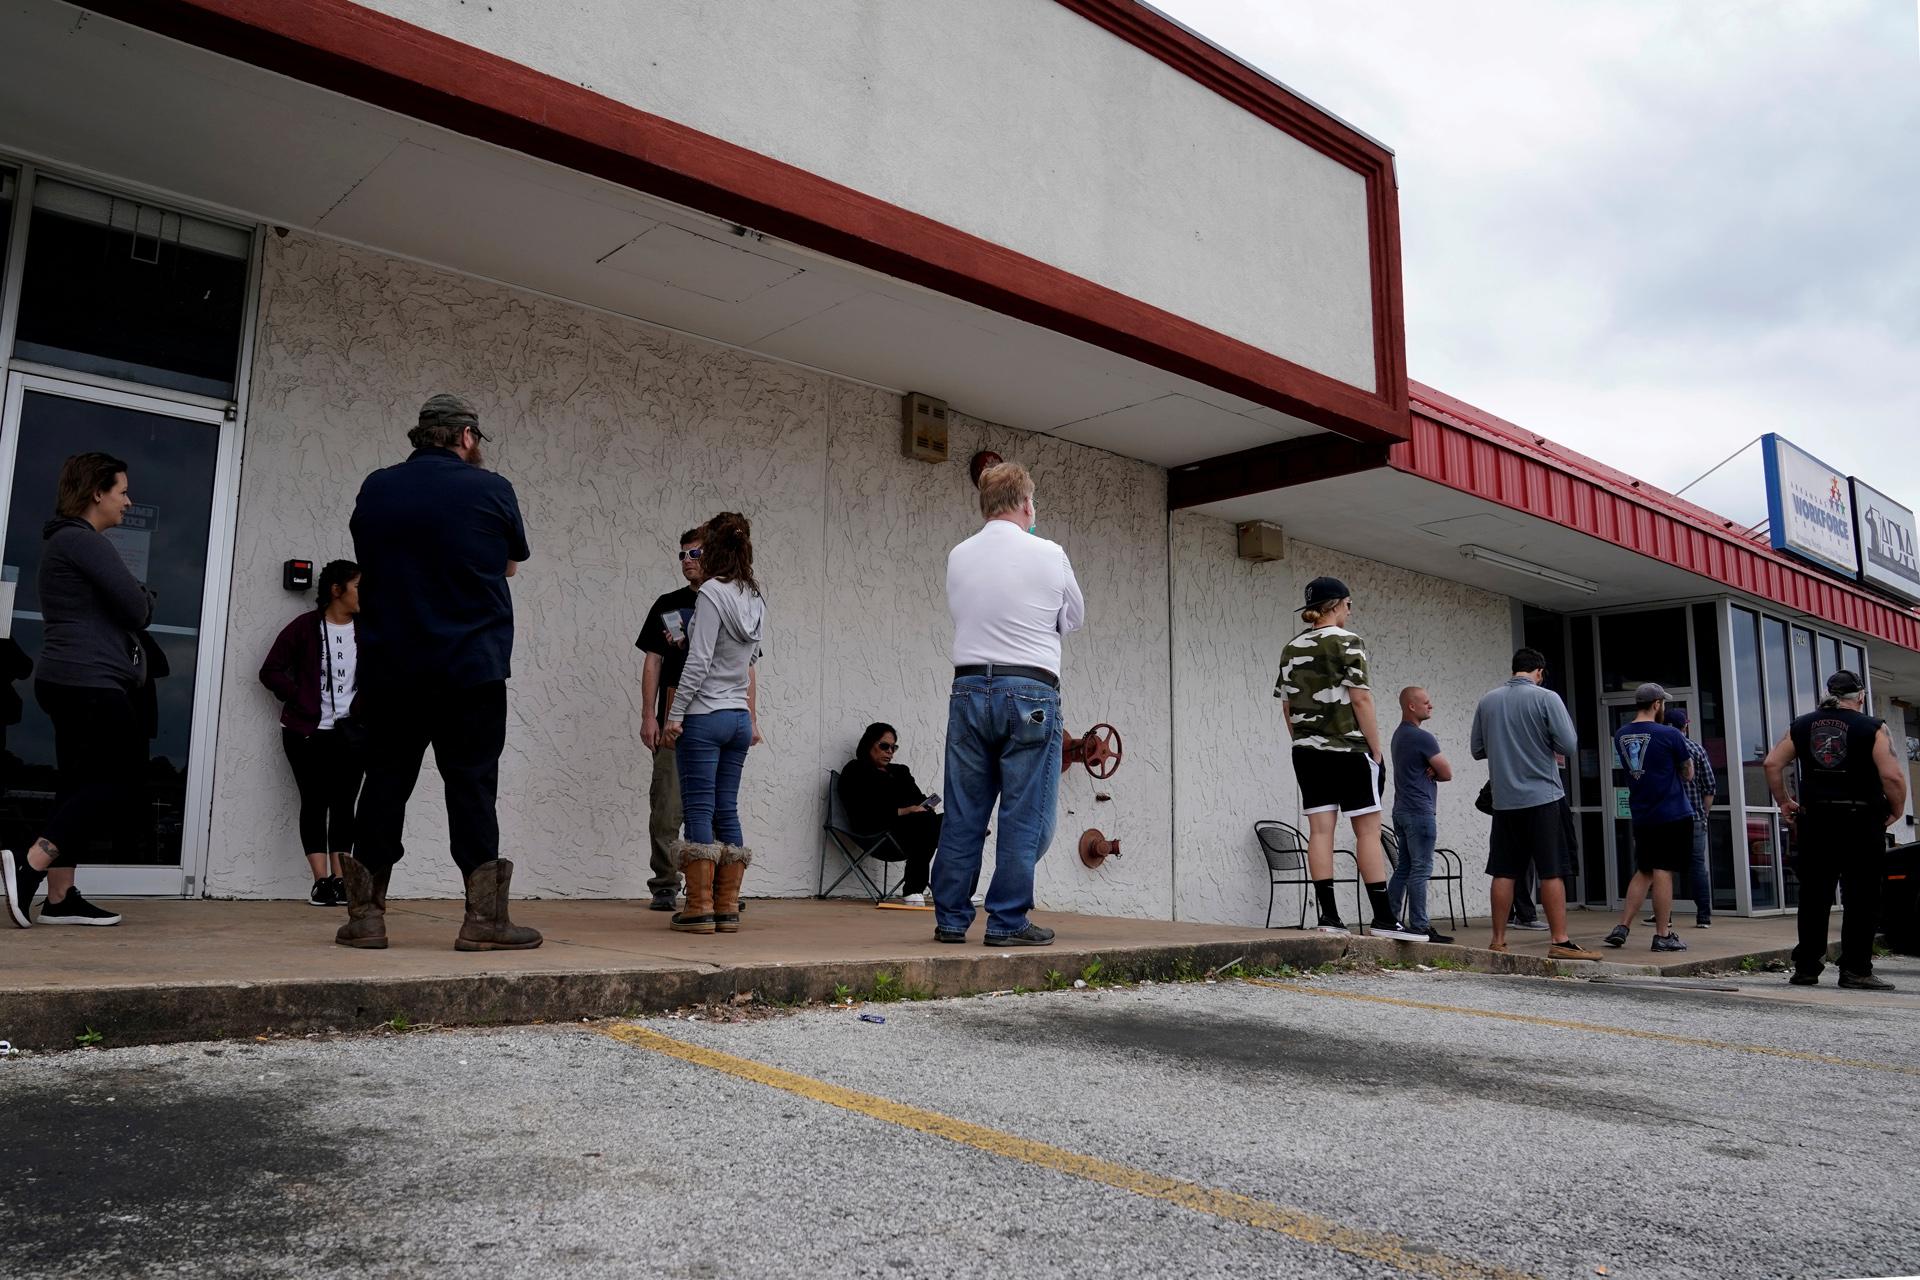 Κοντά στα 30 εκατομμύρια αιτήσεις για επίδομα ανεργίας στις ΗΠΑ